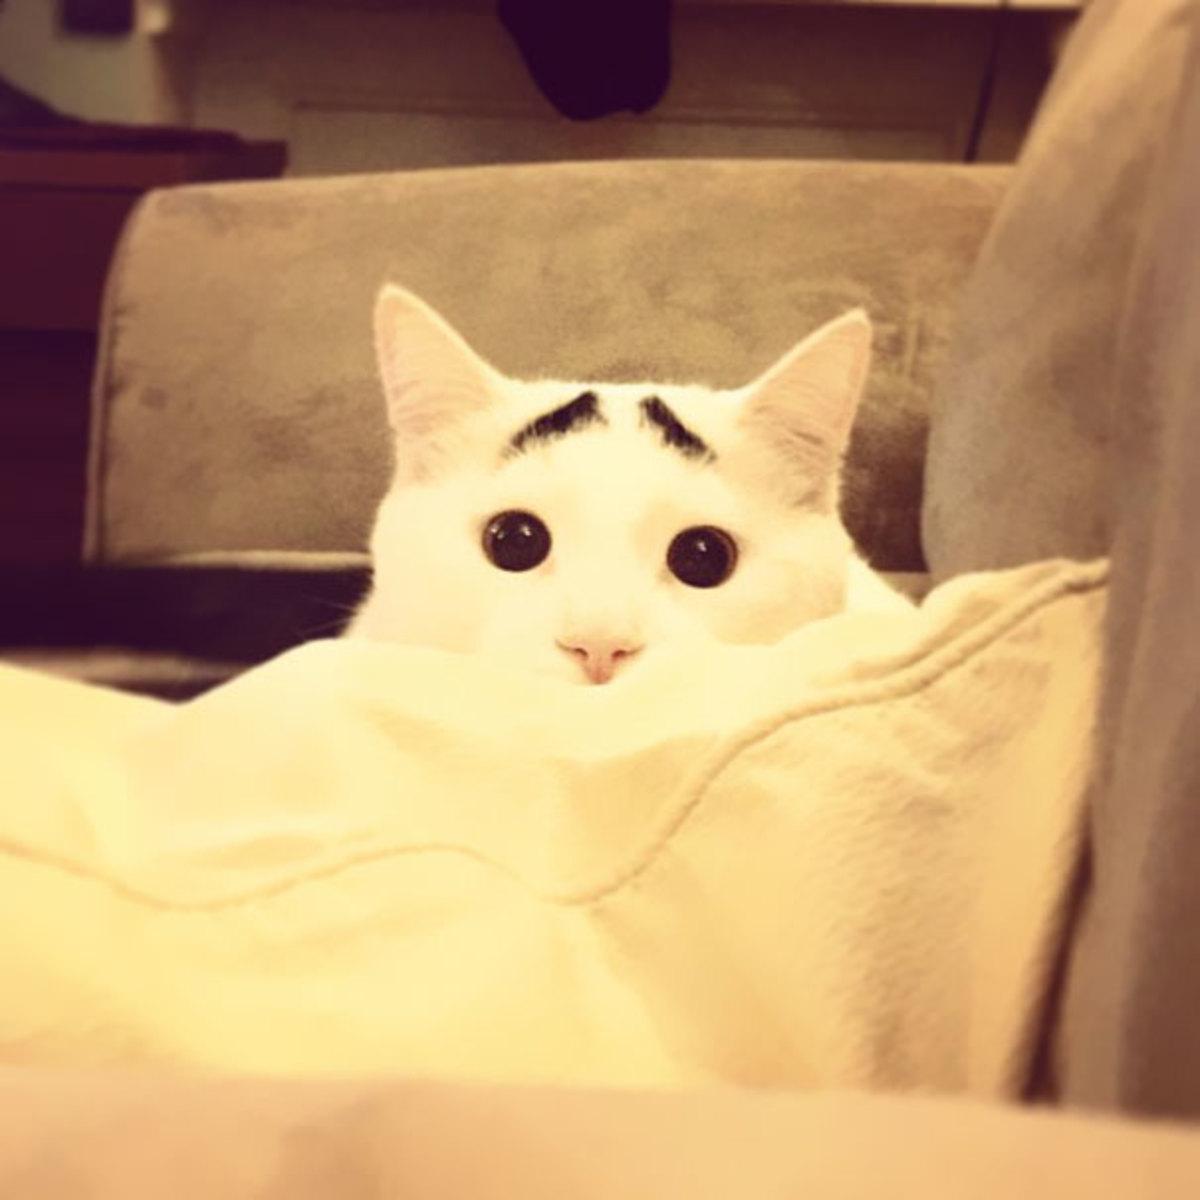 Εσείς είδατε τον Σαμ; Την γάτα με τα φρύδια; | Newsit.gr